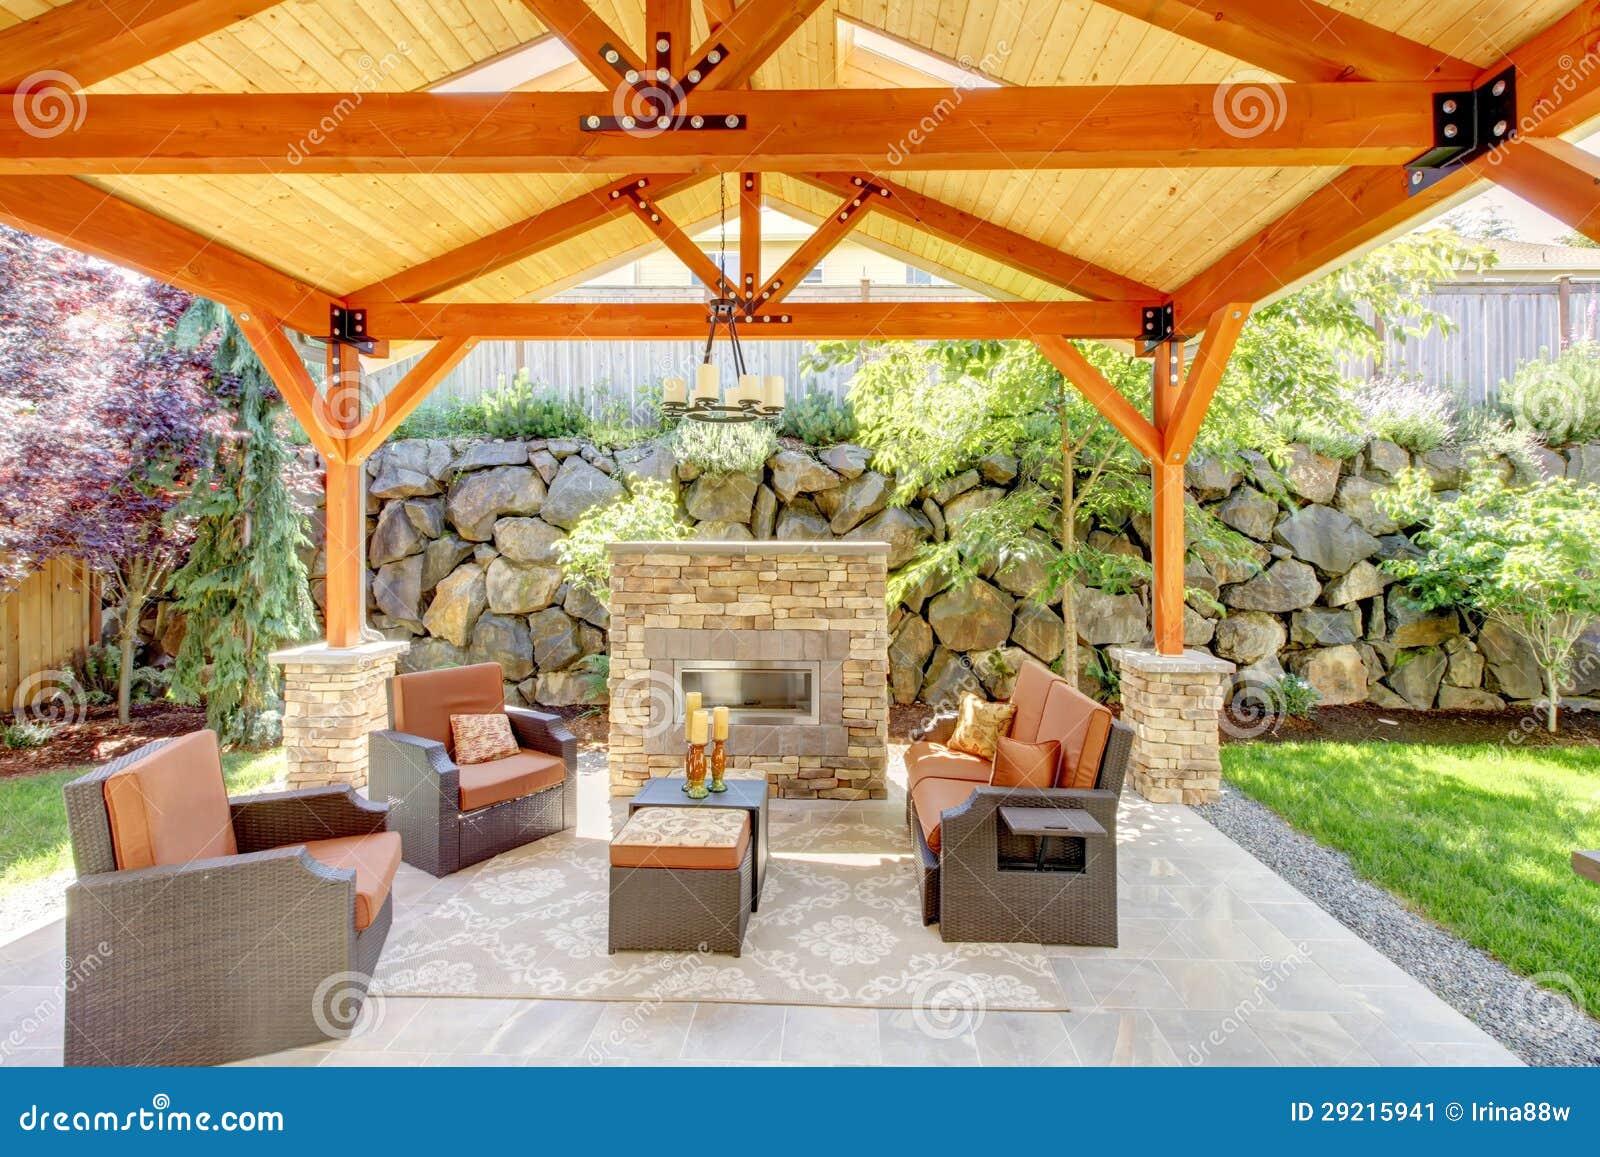 Patio cubierto exterior con la chimenea y muebles imagen - La chimenea muebles ...